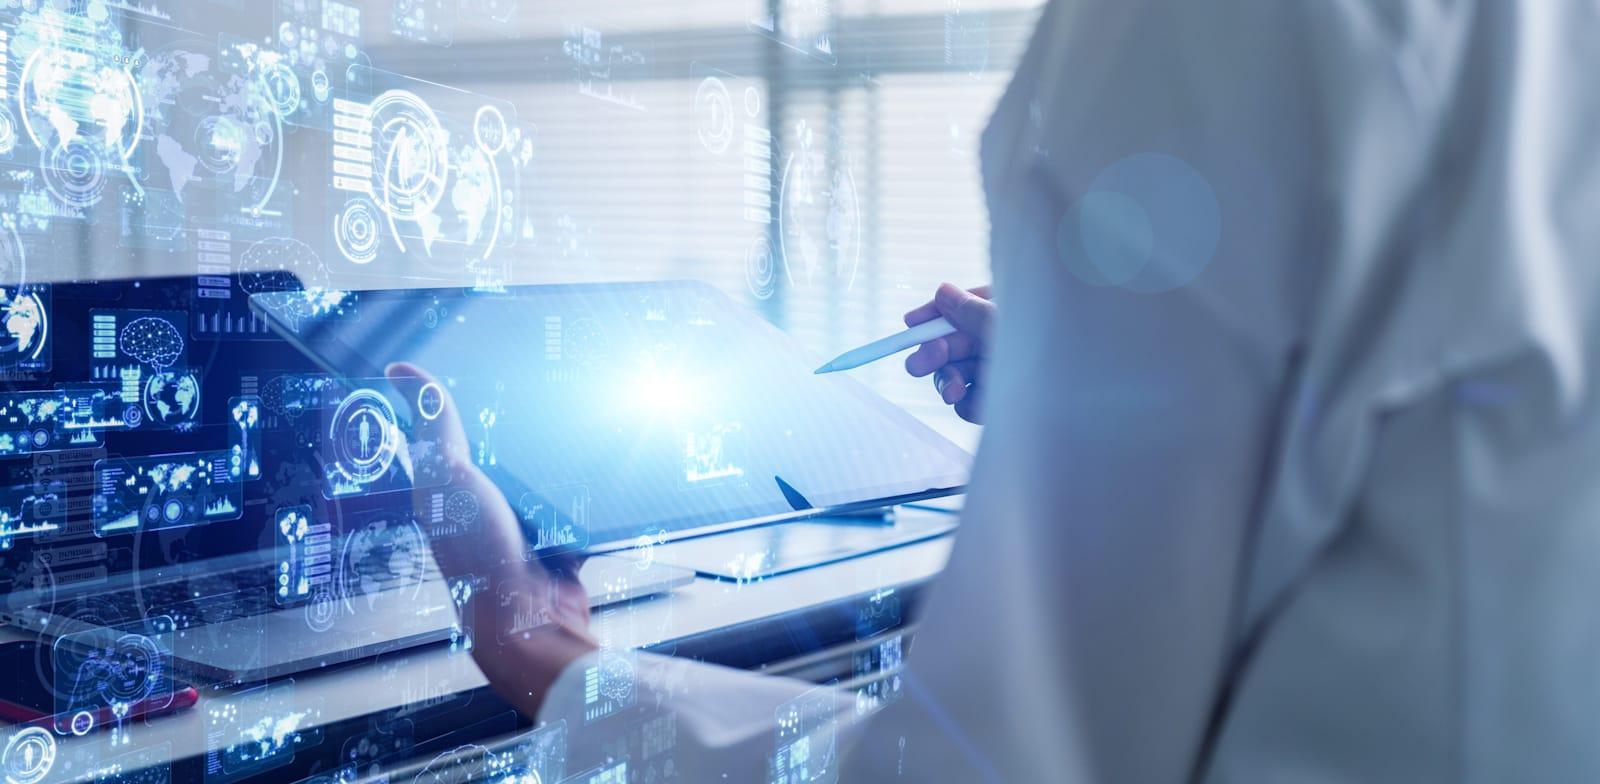 עכשיו זה הזמן להשקיע במדע וטכנולוגיה / צילום: Shutterstock